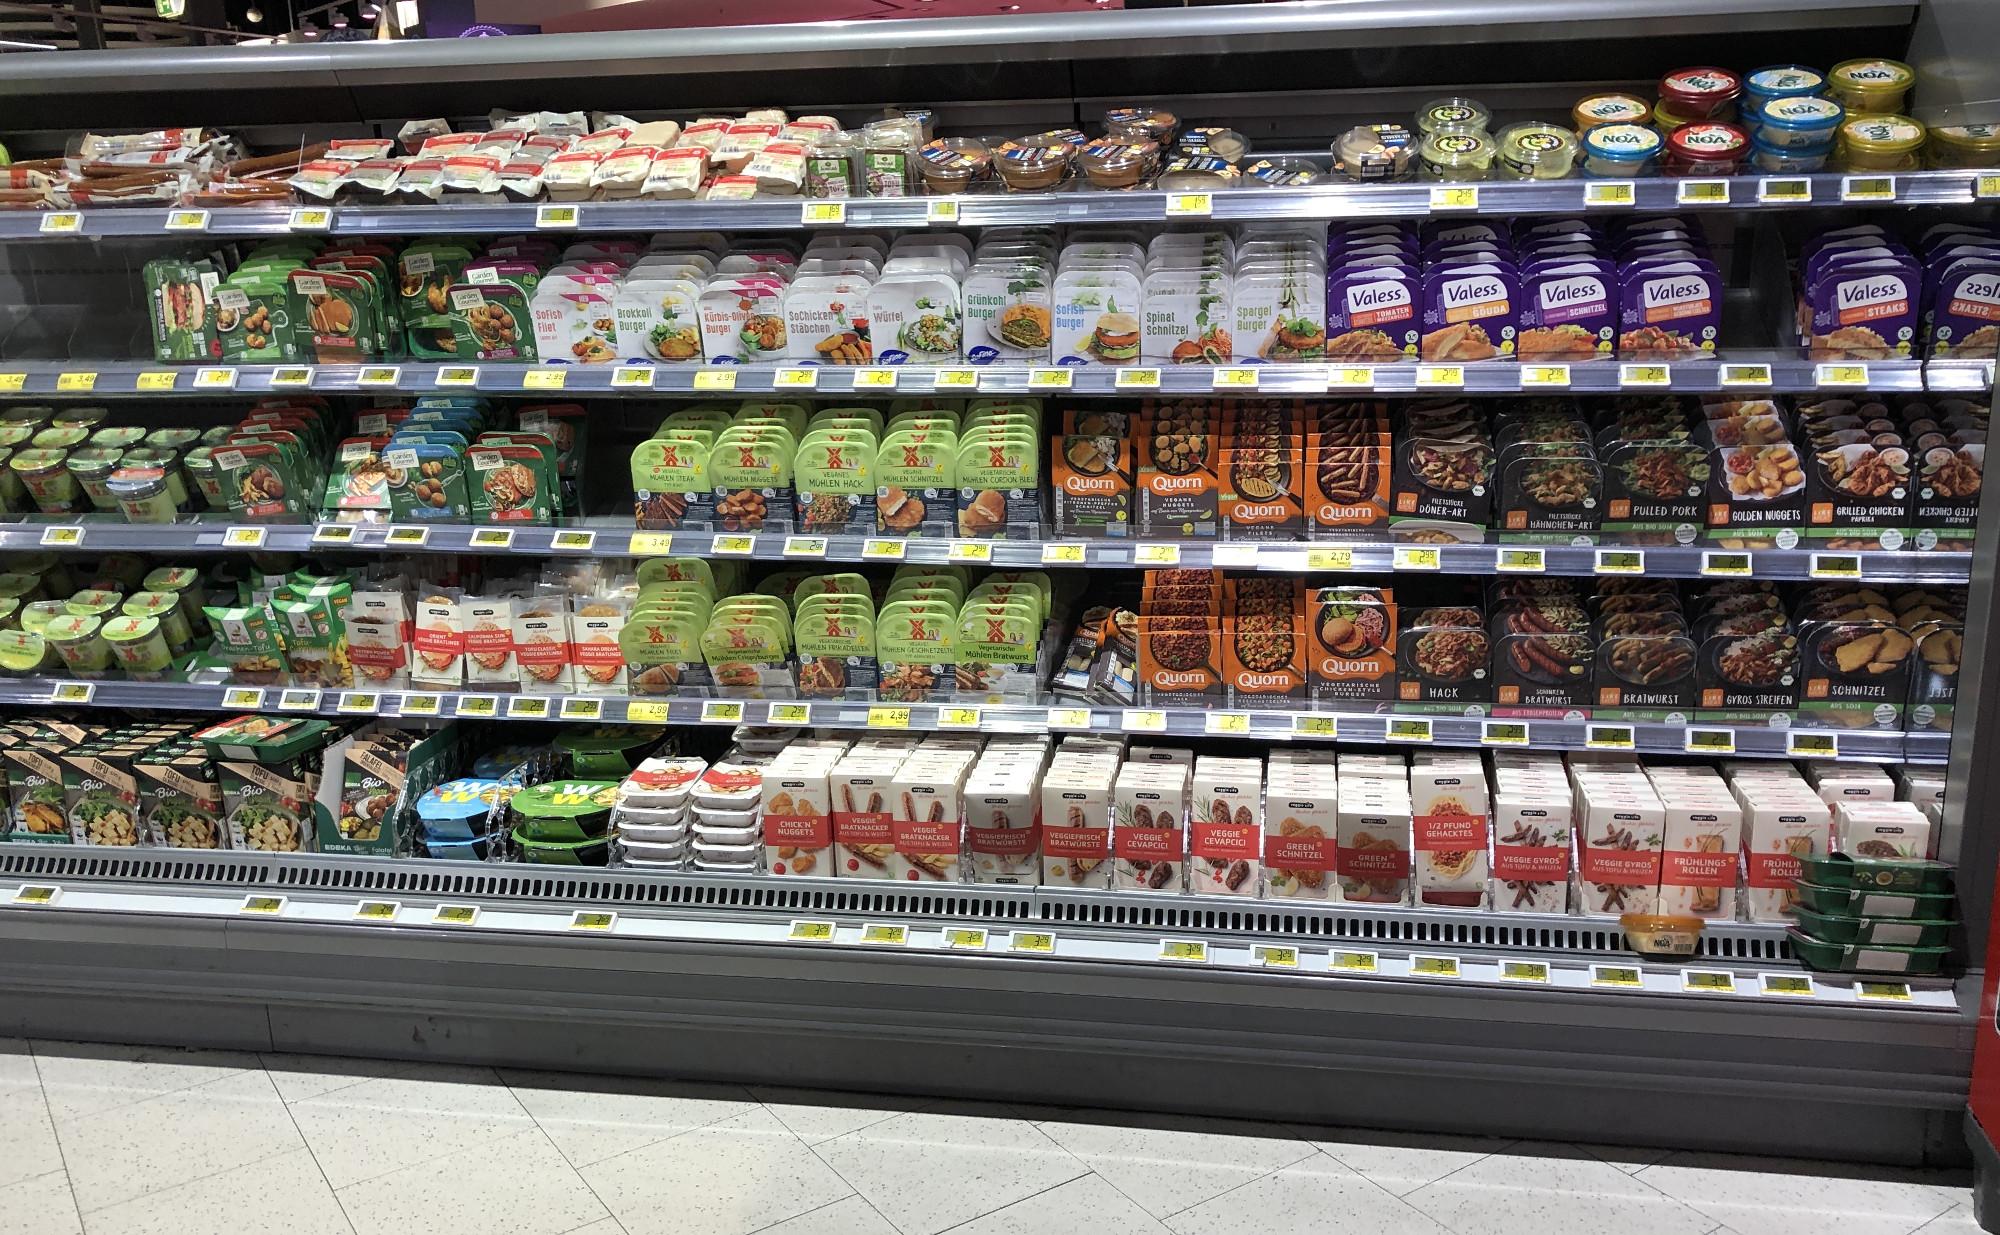 Sortimentsanalyse Fleischersatz-Produkte bei EDEKA: Große Auswahl an Markenprodukten, etwas höherer Preis